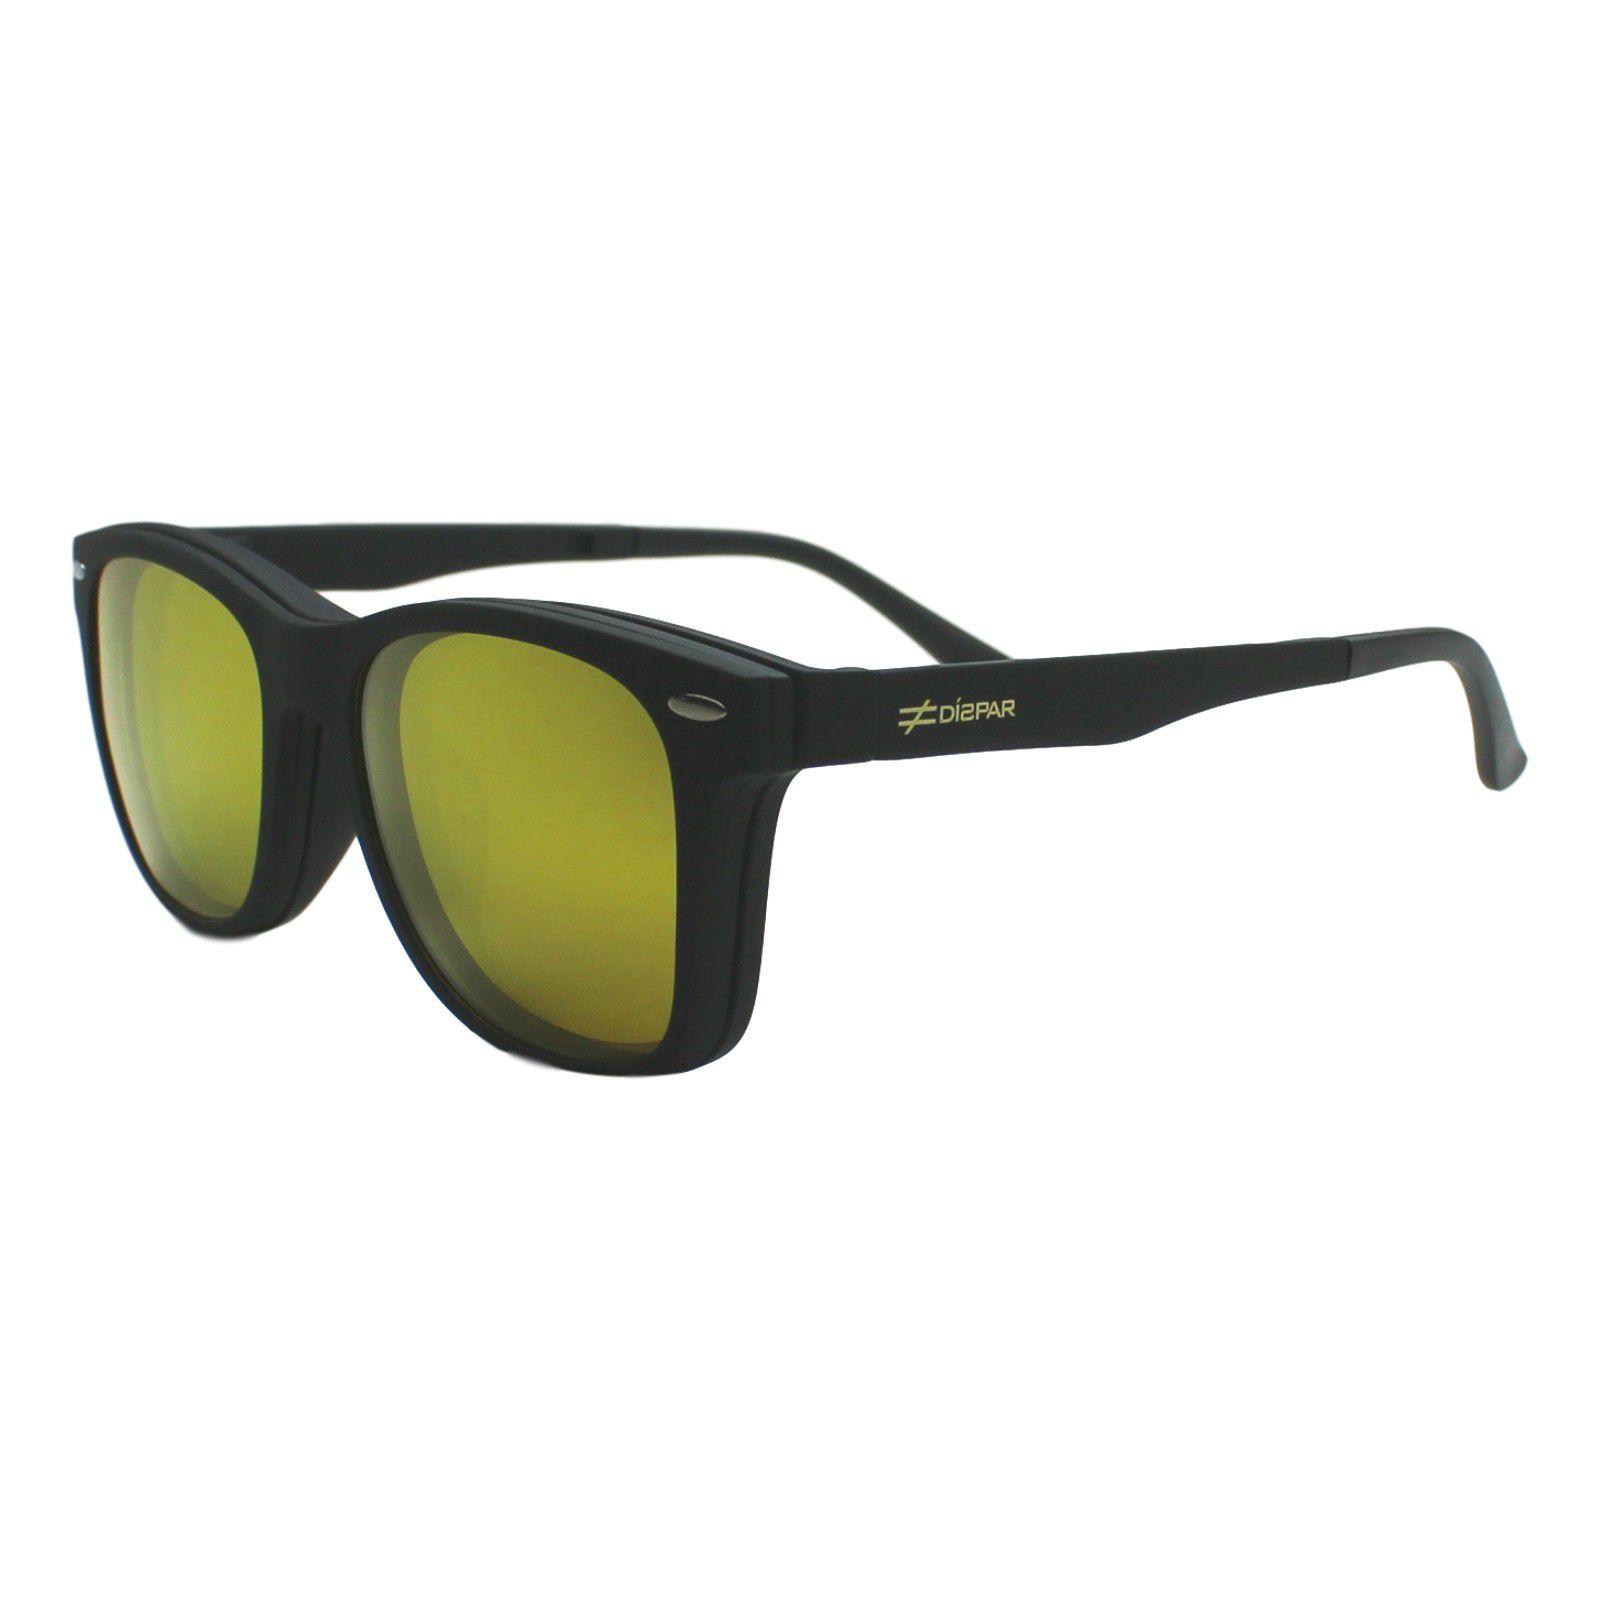 ... Armação para Óculos Díspar D1965 Clip On 2 Lentes - Prata - Díspar Style  ... 9294d09118